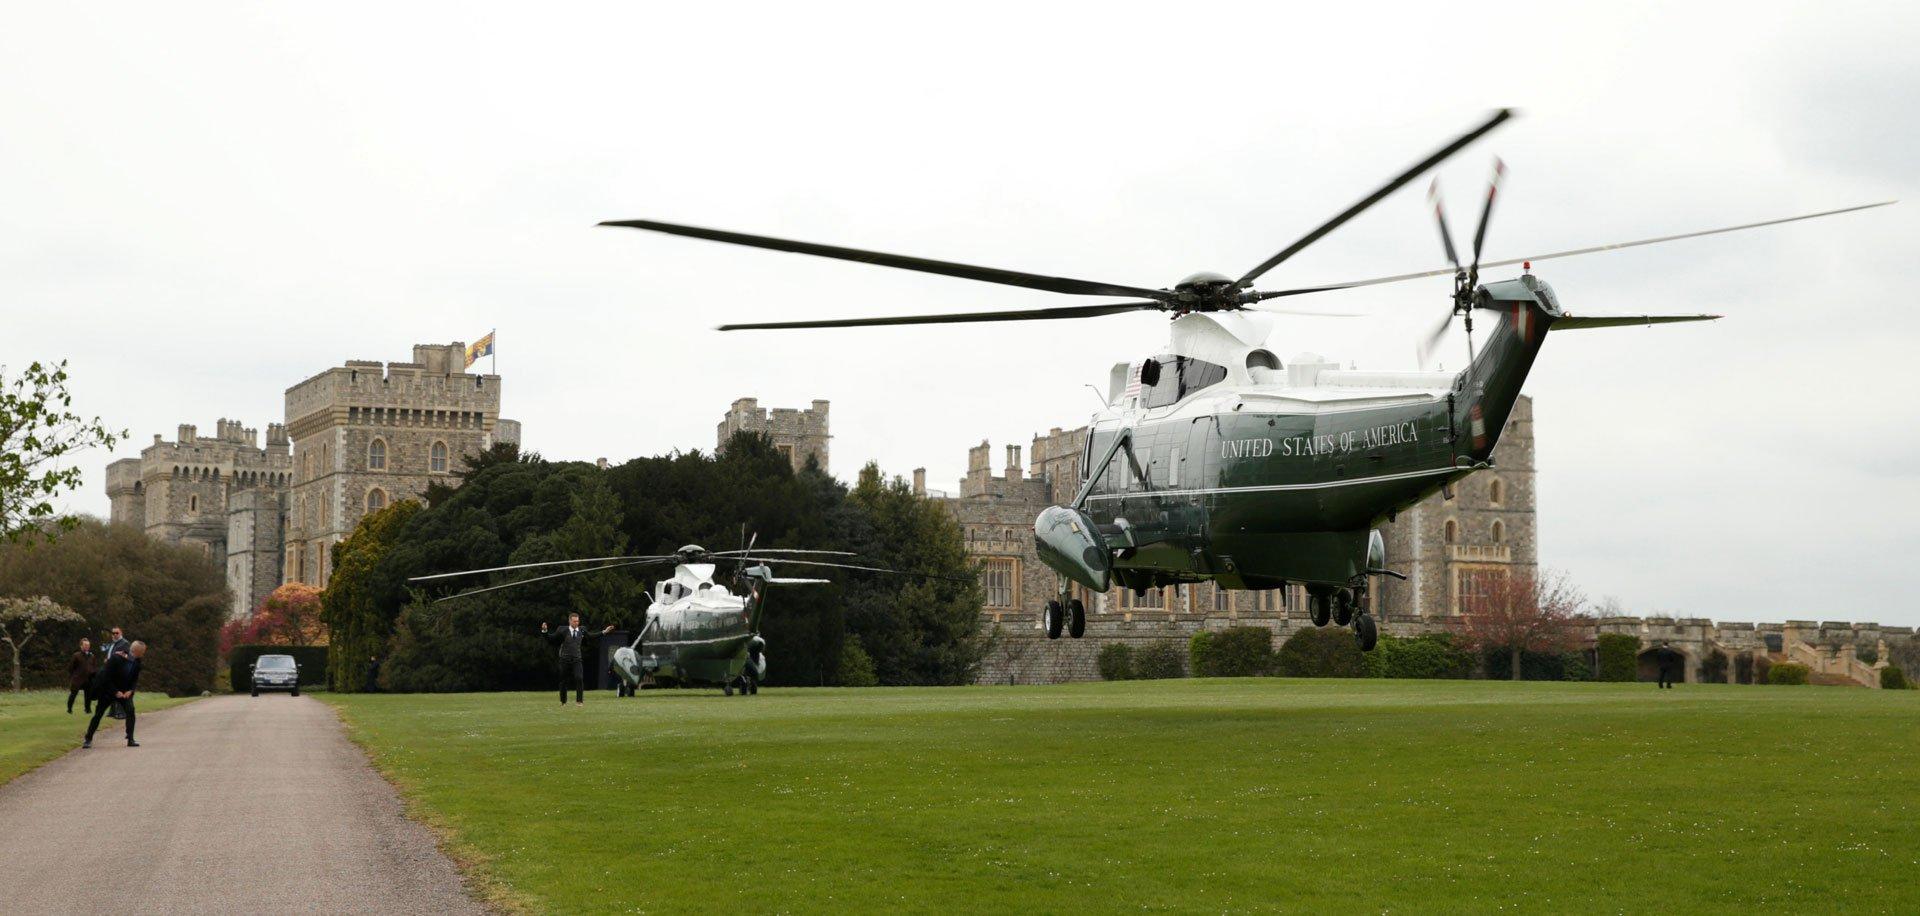 La llegada del helicóptero presidencial de los Estados Unidos a los parques del Castillo de Windsor, en Berkshire, Reino Unido.